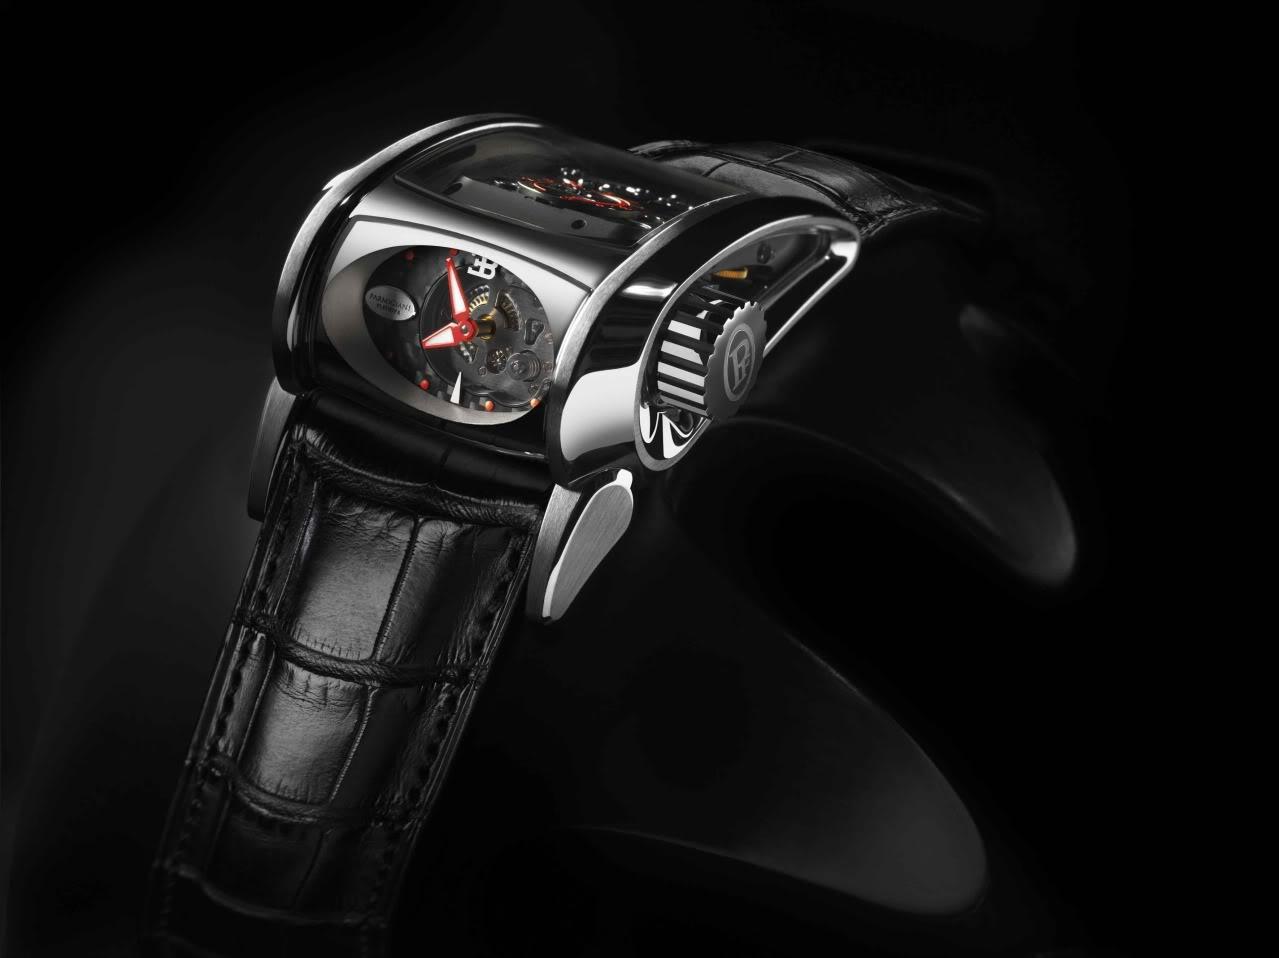 Exclu mondiale !! La nouvelle Parmigiani Bugatti Super Sport Bugatti_Super_Sport_dial